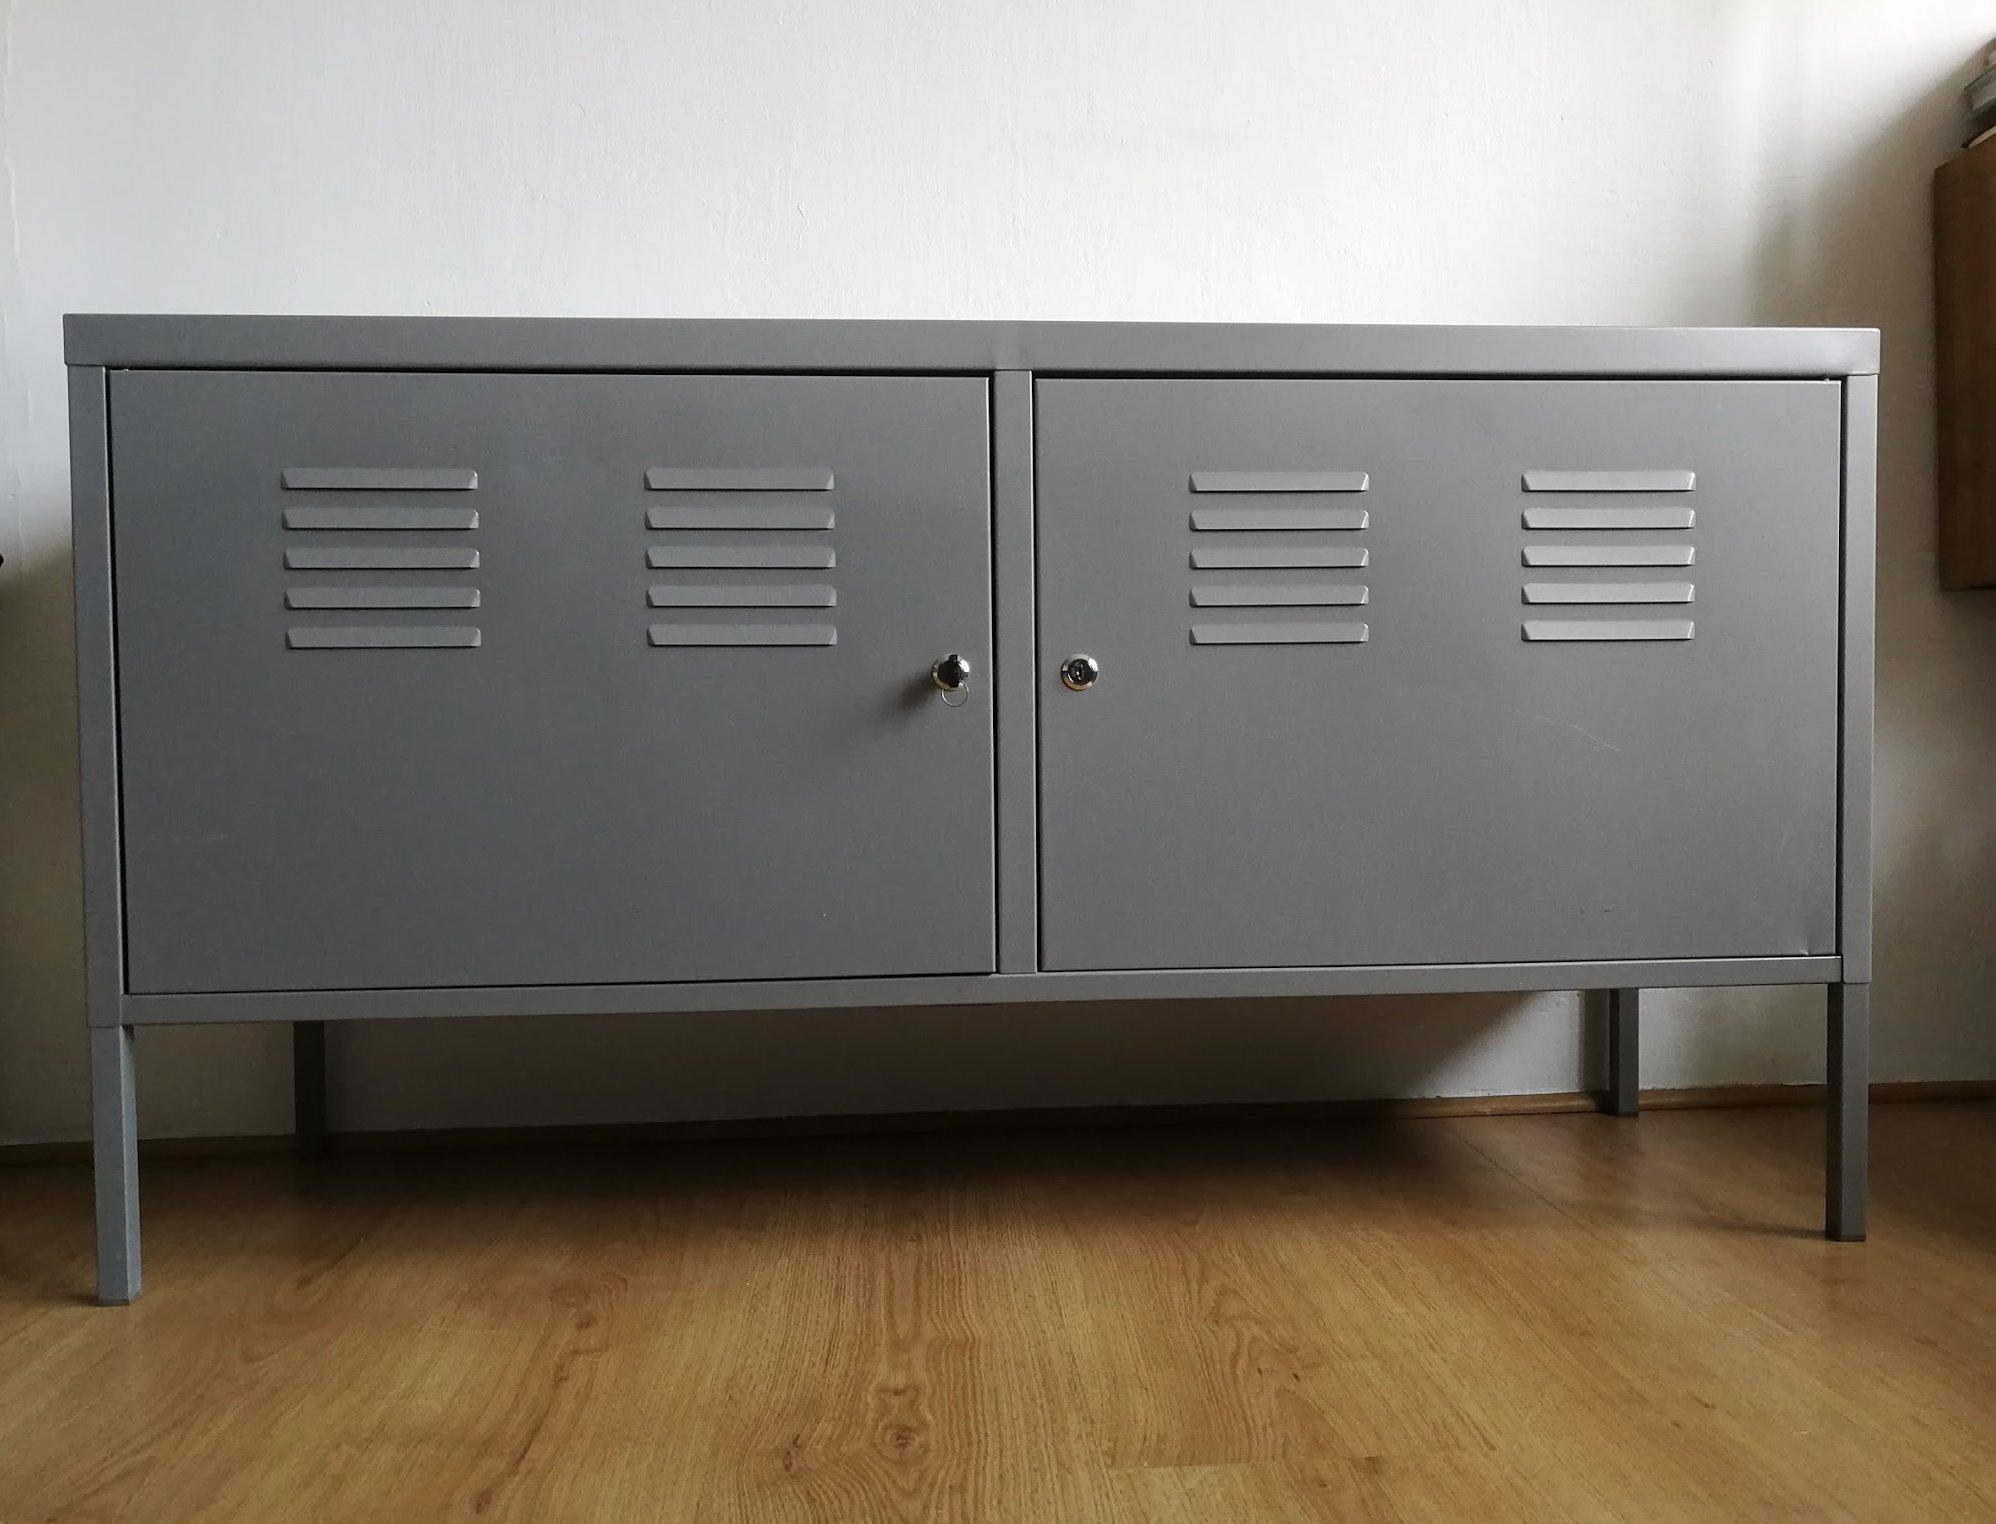 Tylko na zewnątrz IKEA PS metalowa SZAFKA - 7020288319 - oficjalne archiwum allegro IE74